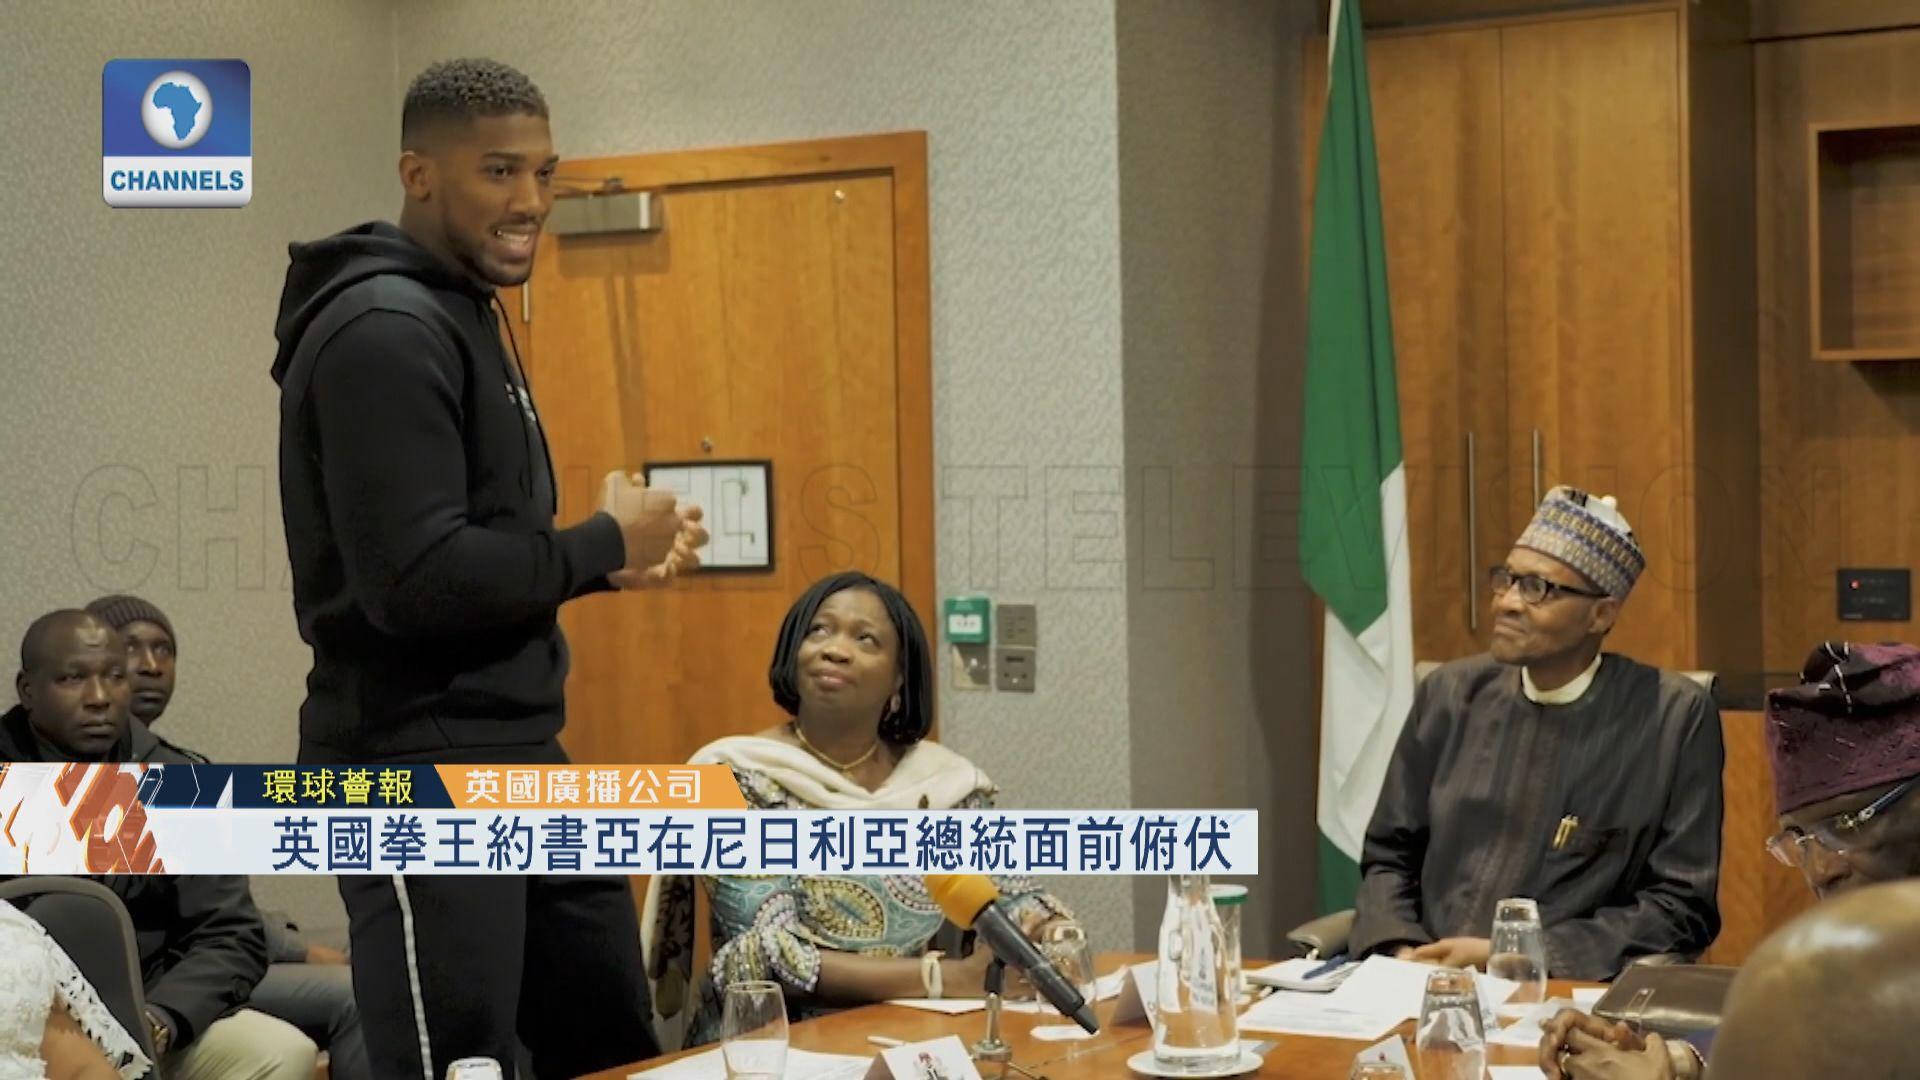 【環球薈報】英國拳王約書亞在尼日利亞總統面前俯伏